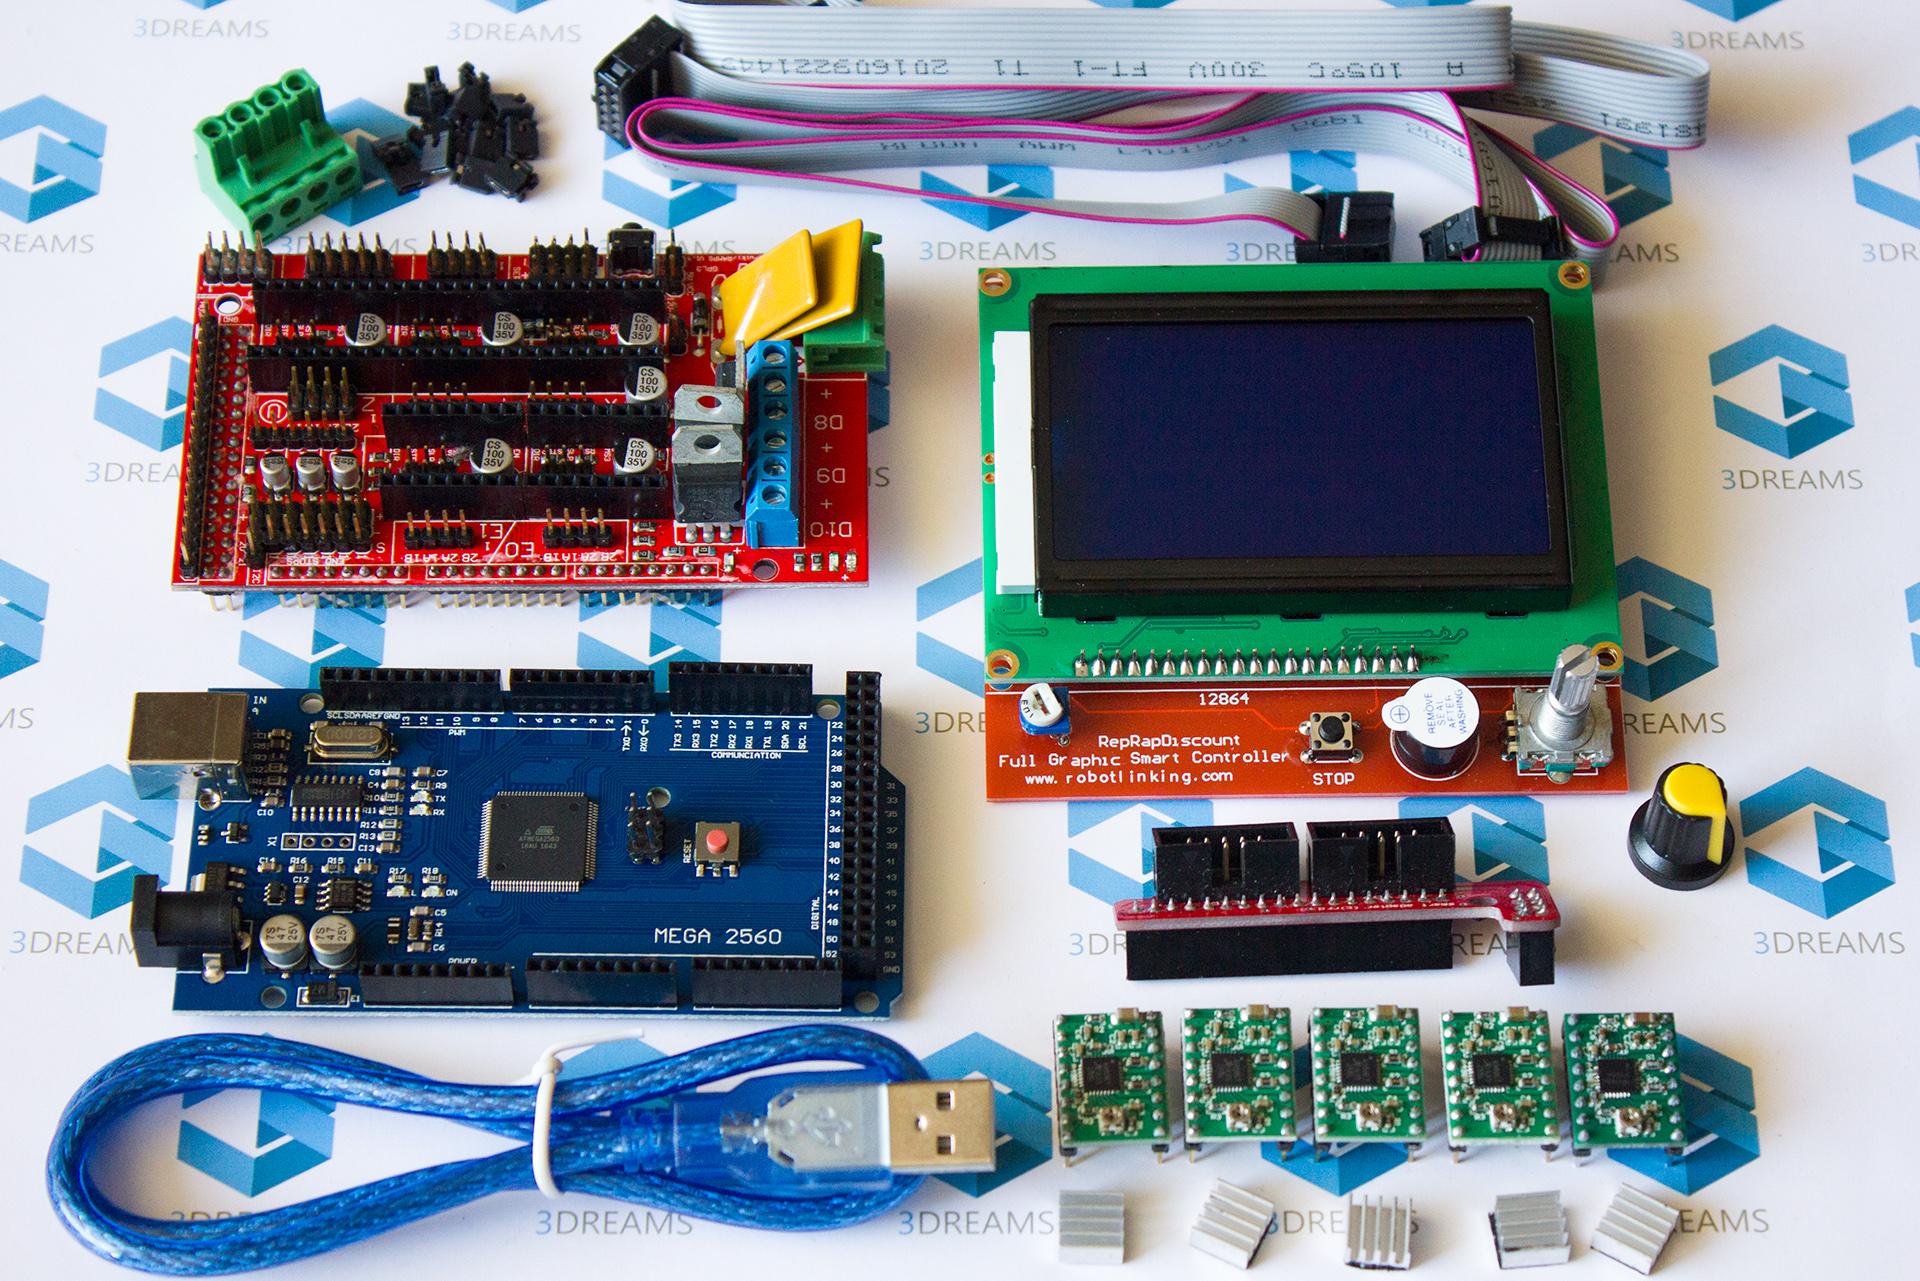 Набор электроники для 3D принтера купить украина 1